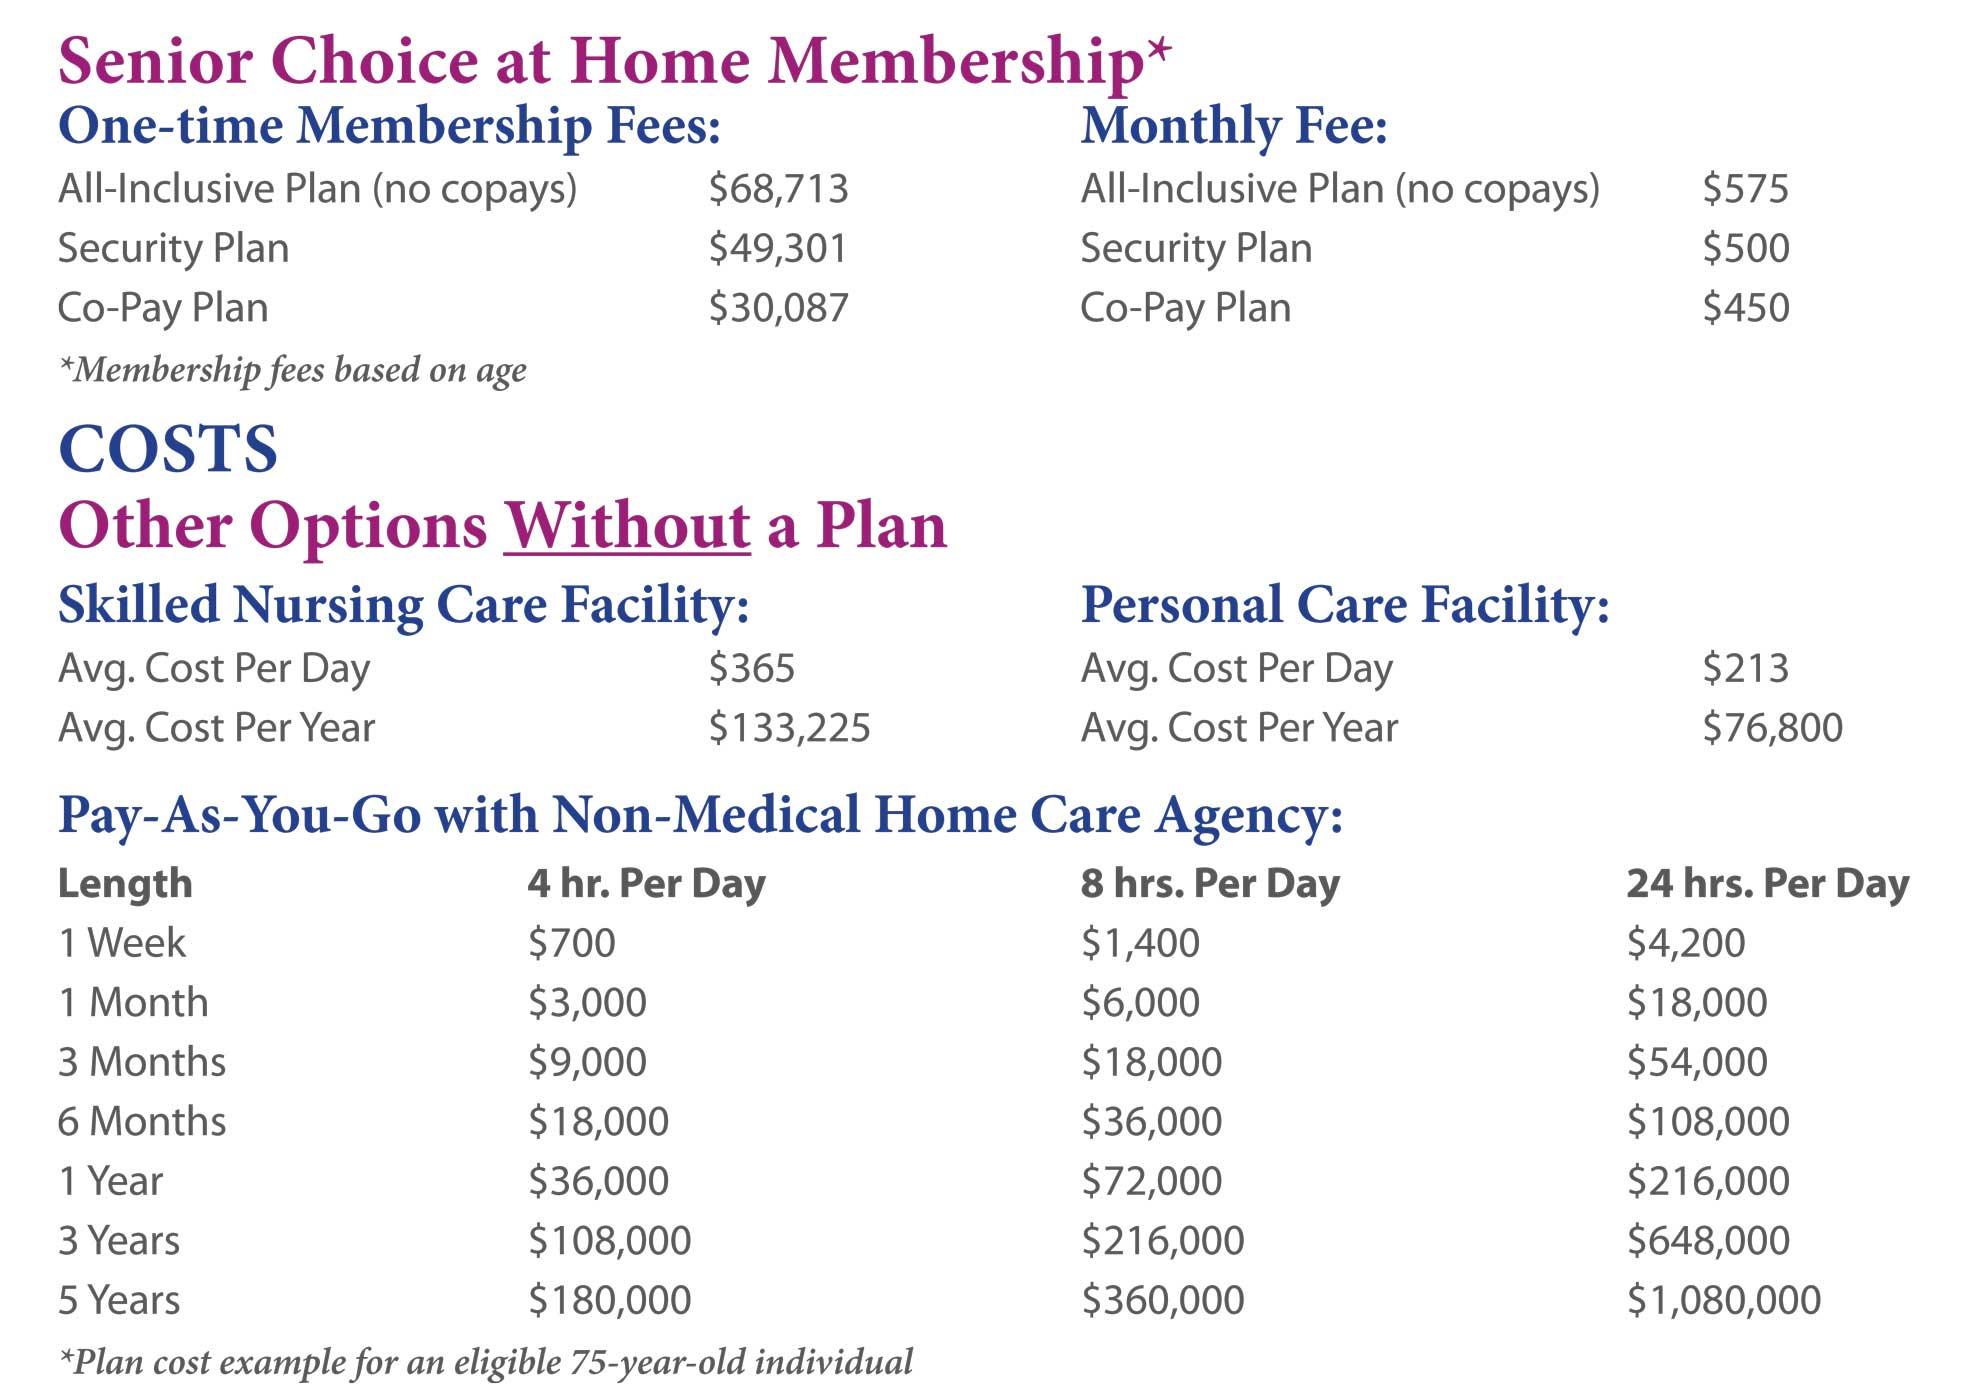 Senior Choice at Home Pricing Sheet